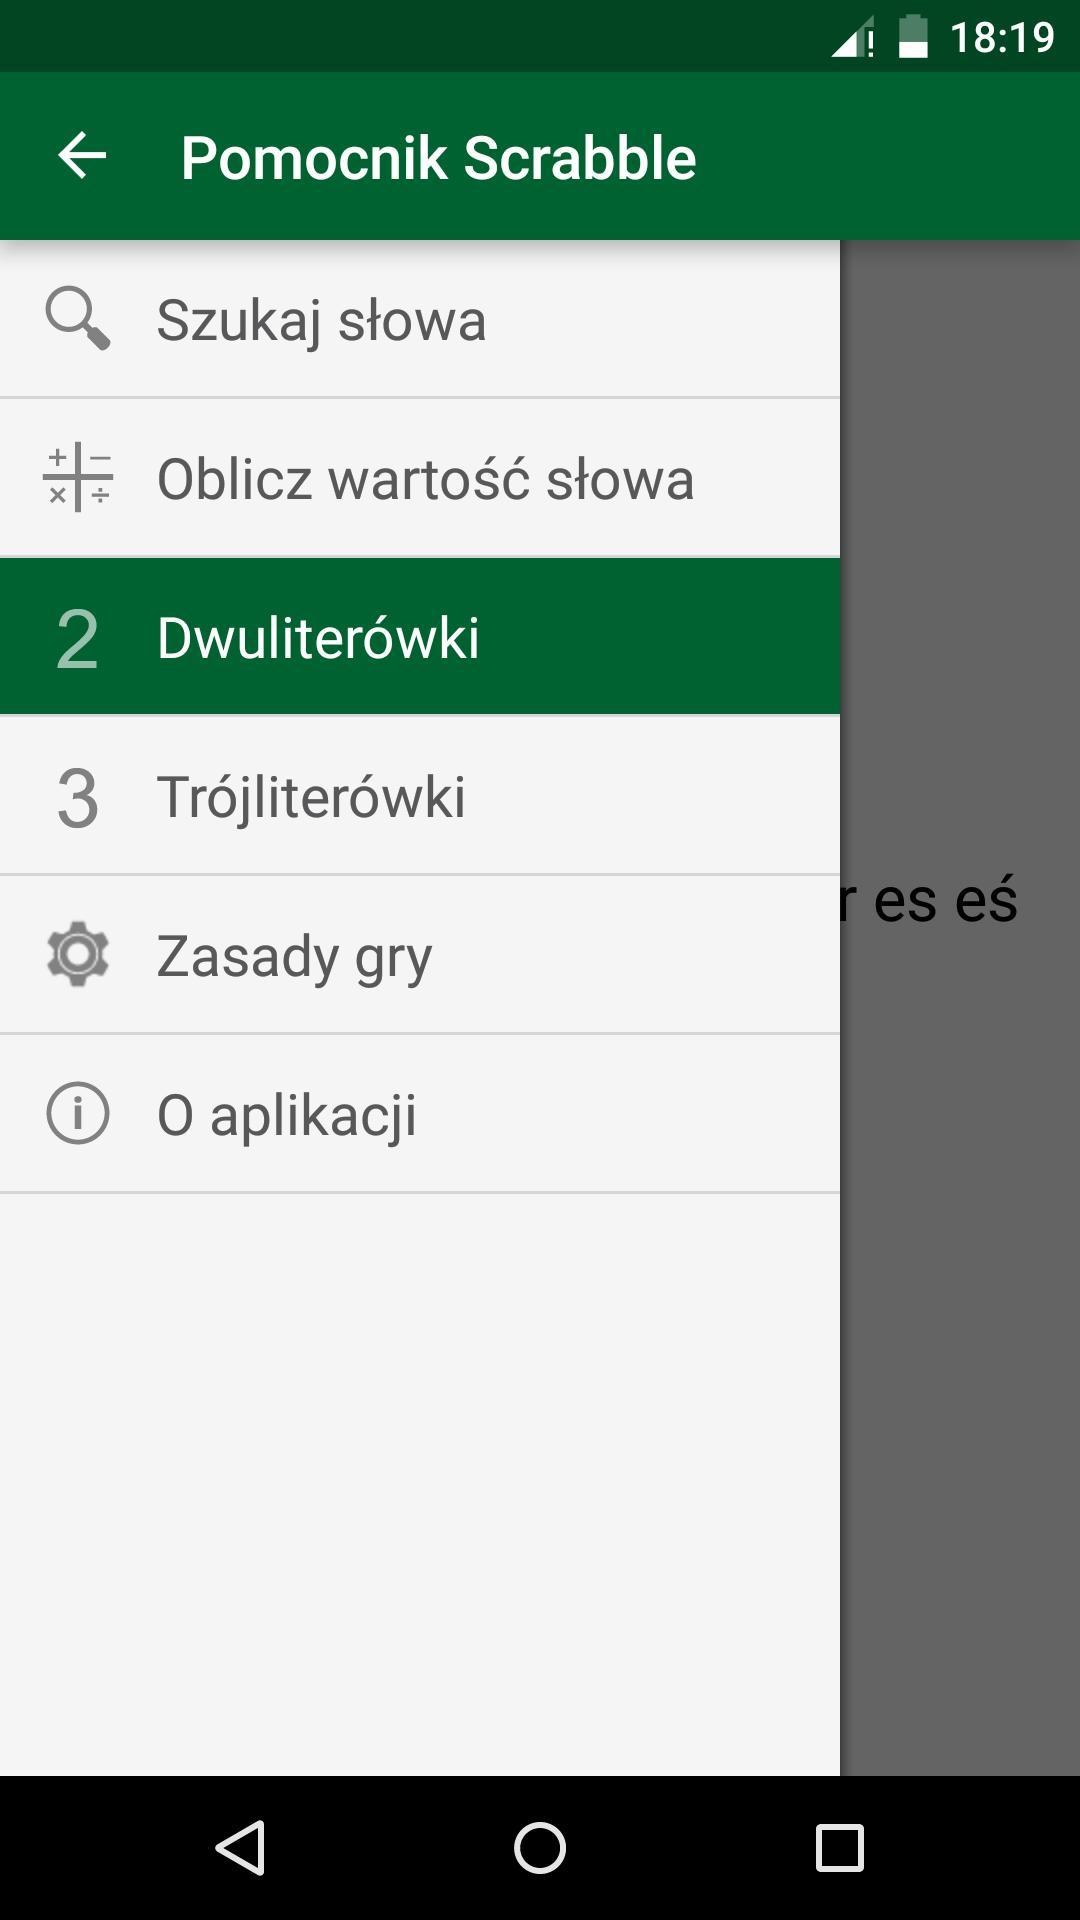 Pomocnik Scrabble - offline for Android - APK Download